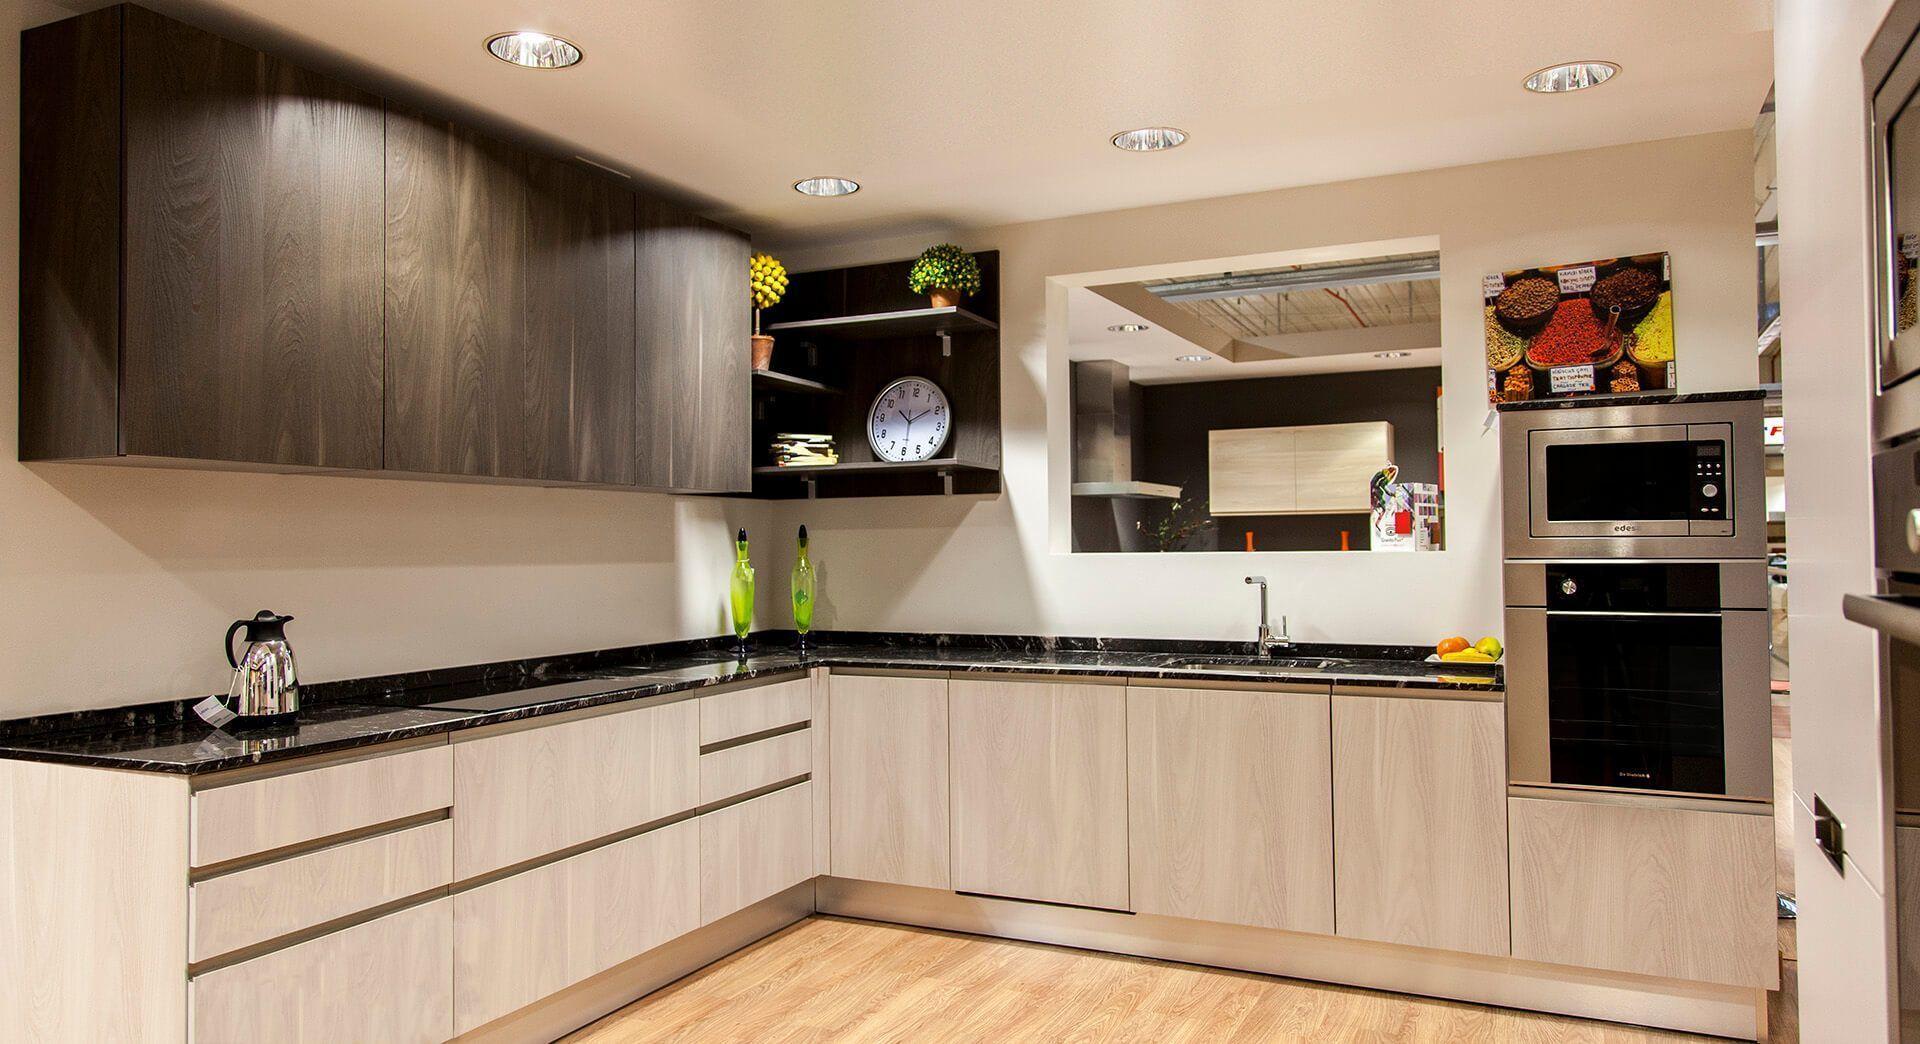 Fabricantes de muebles de cocina madrid catalogo muebles for Catalogo de muebles